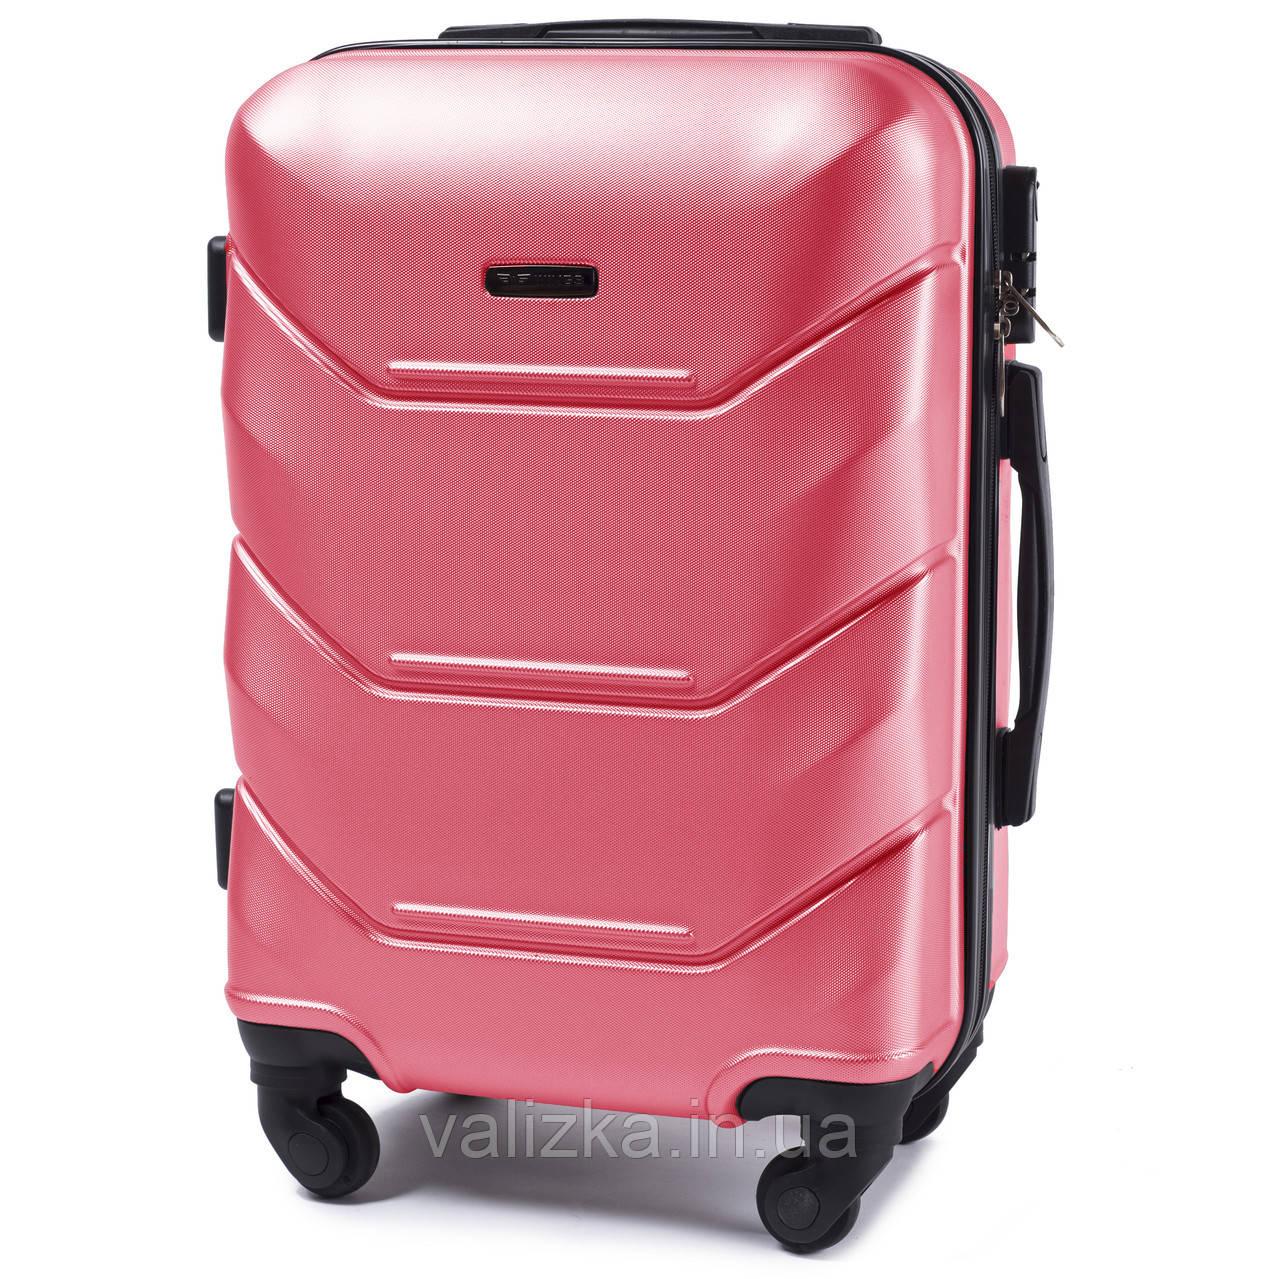 Пластиковый чемодан Wings 147 S для ручной клади розовый